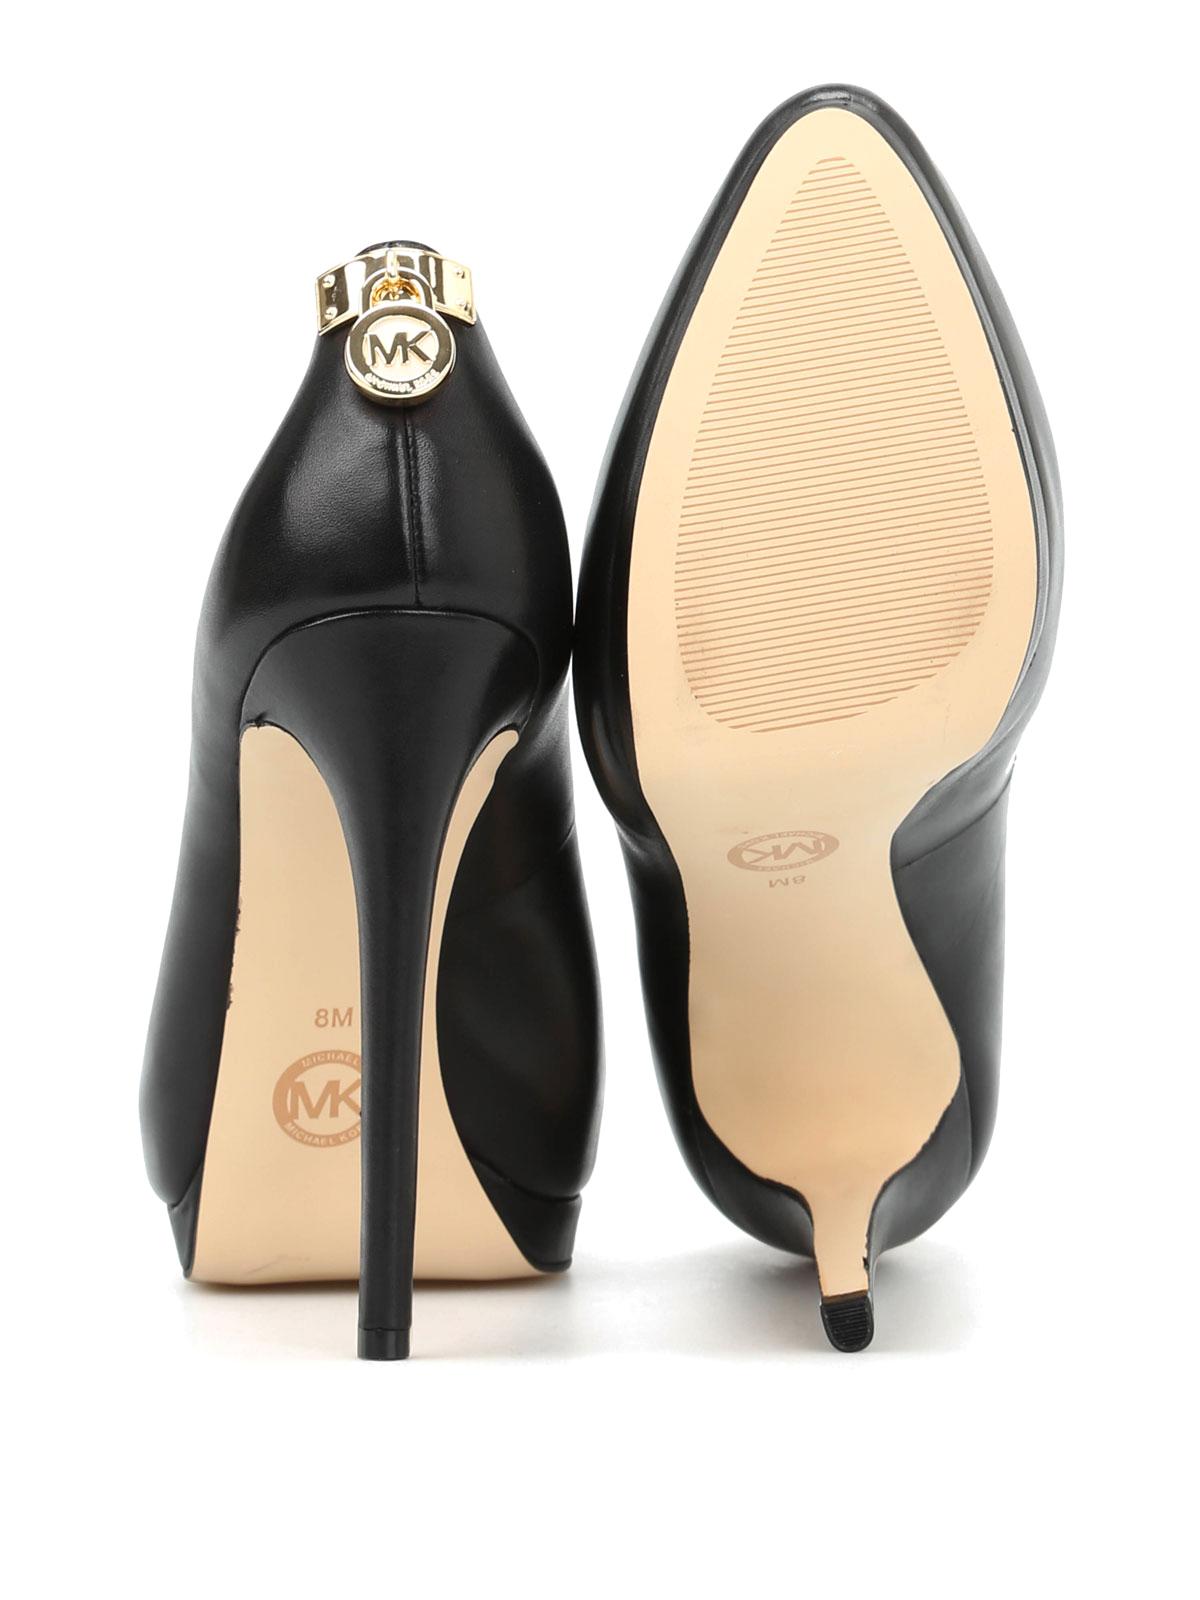 61b29d7ff707 Michael Kors - Hamilton leather pumps - court shoes - 40F4HAHP1L 001